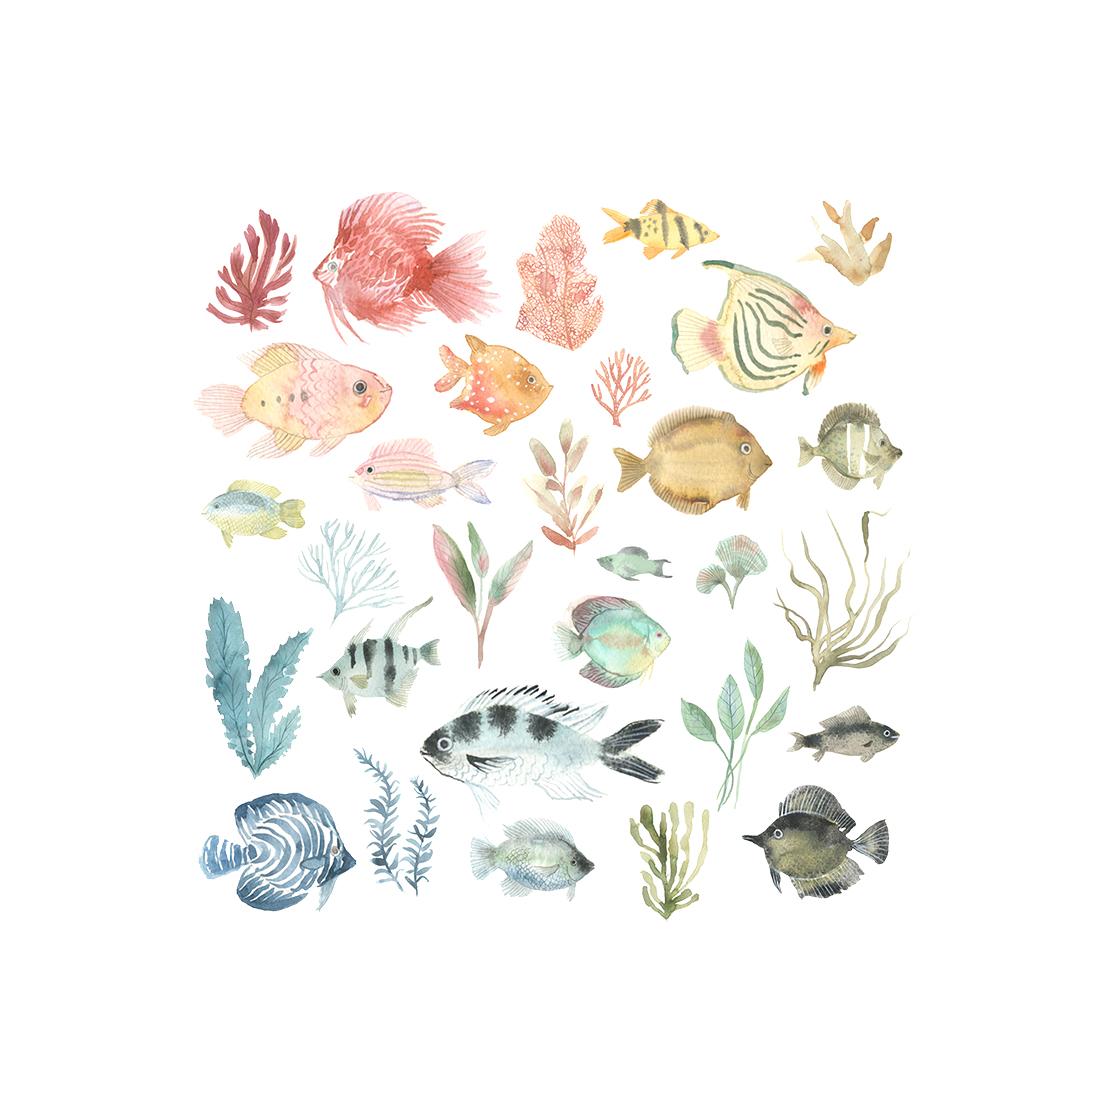 art prints - Tropical Fish by Emilie Simpson